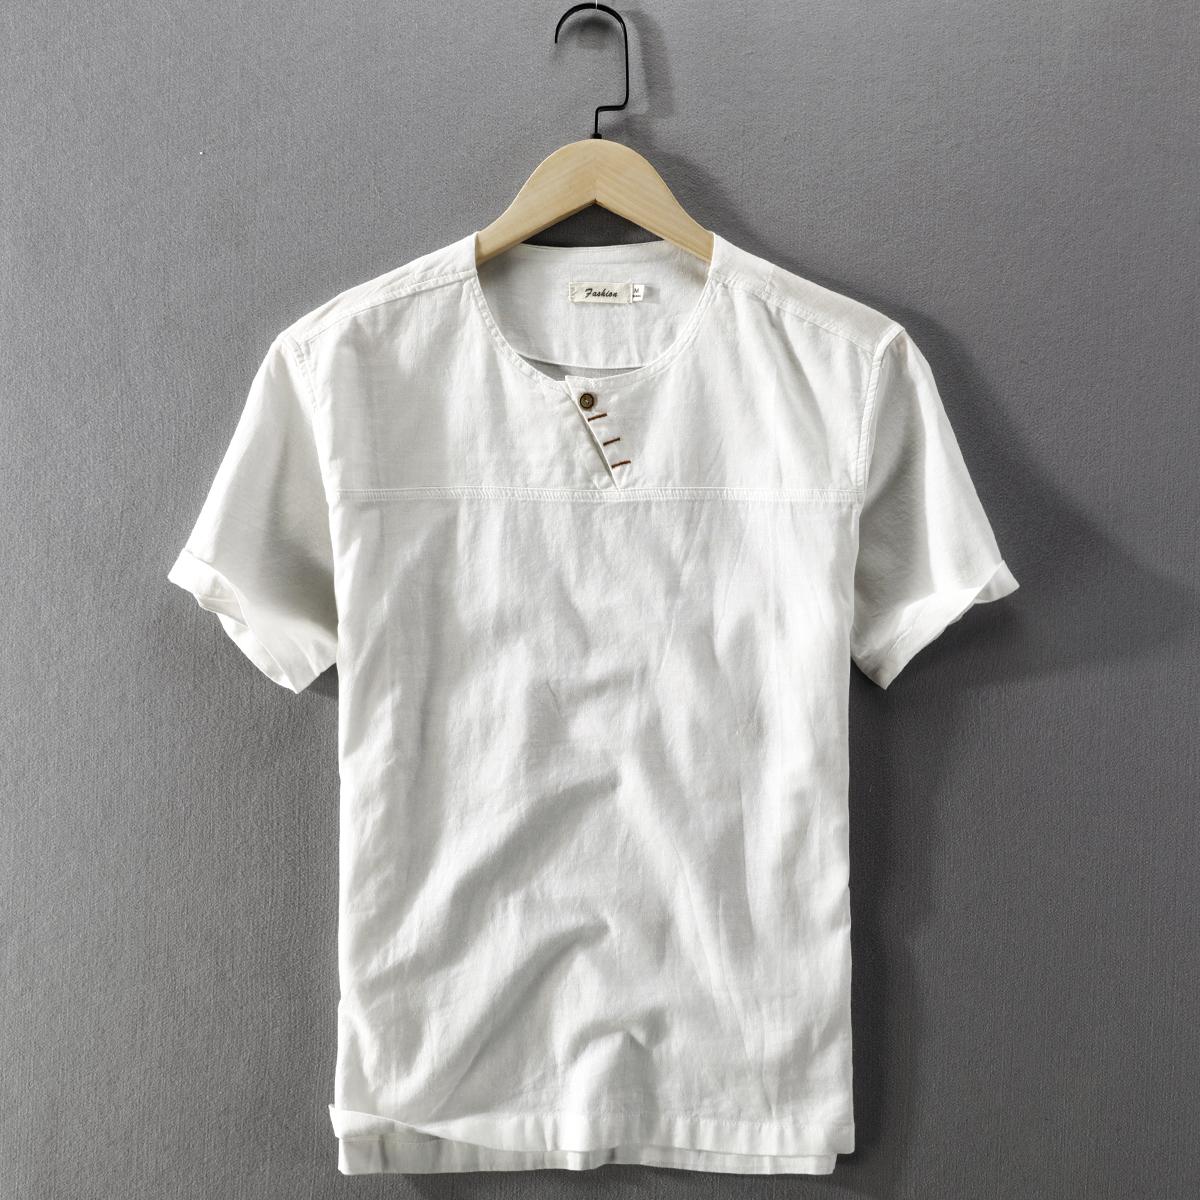 夏季男士休闲亚麻衬衫短袖无领套头复古薄中国风棉麻凉爽文艺衬衣